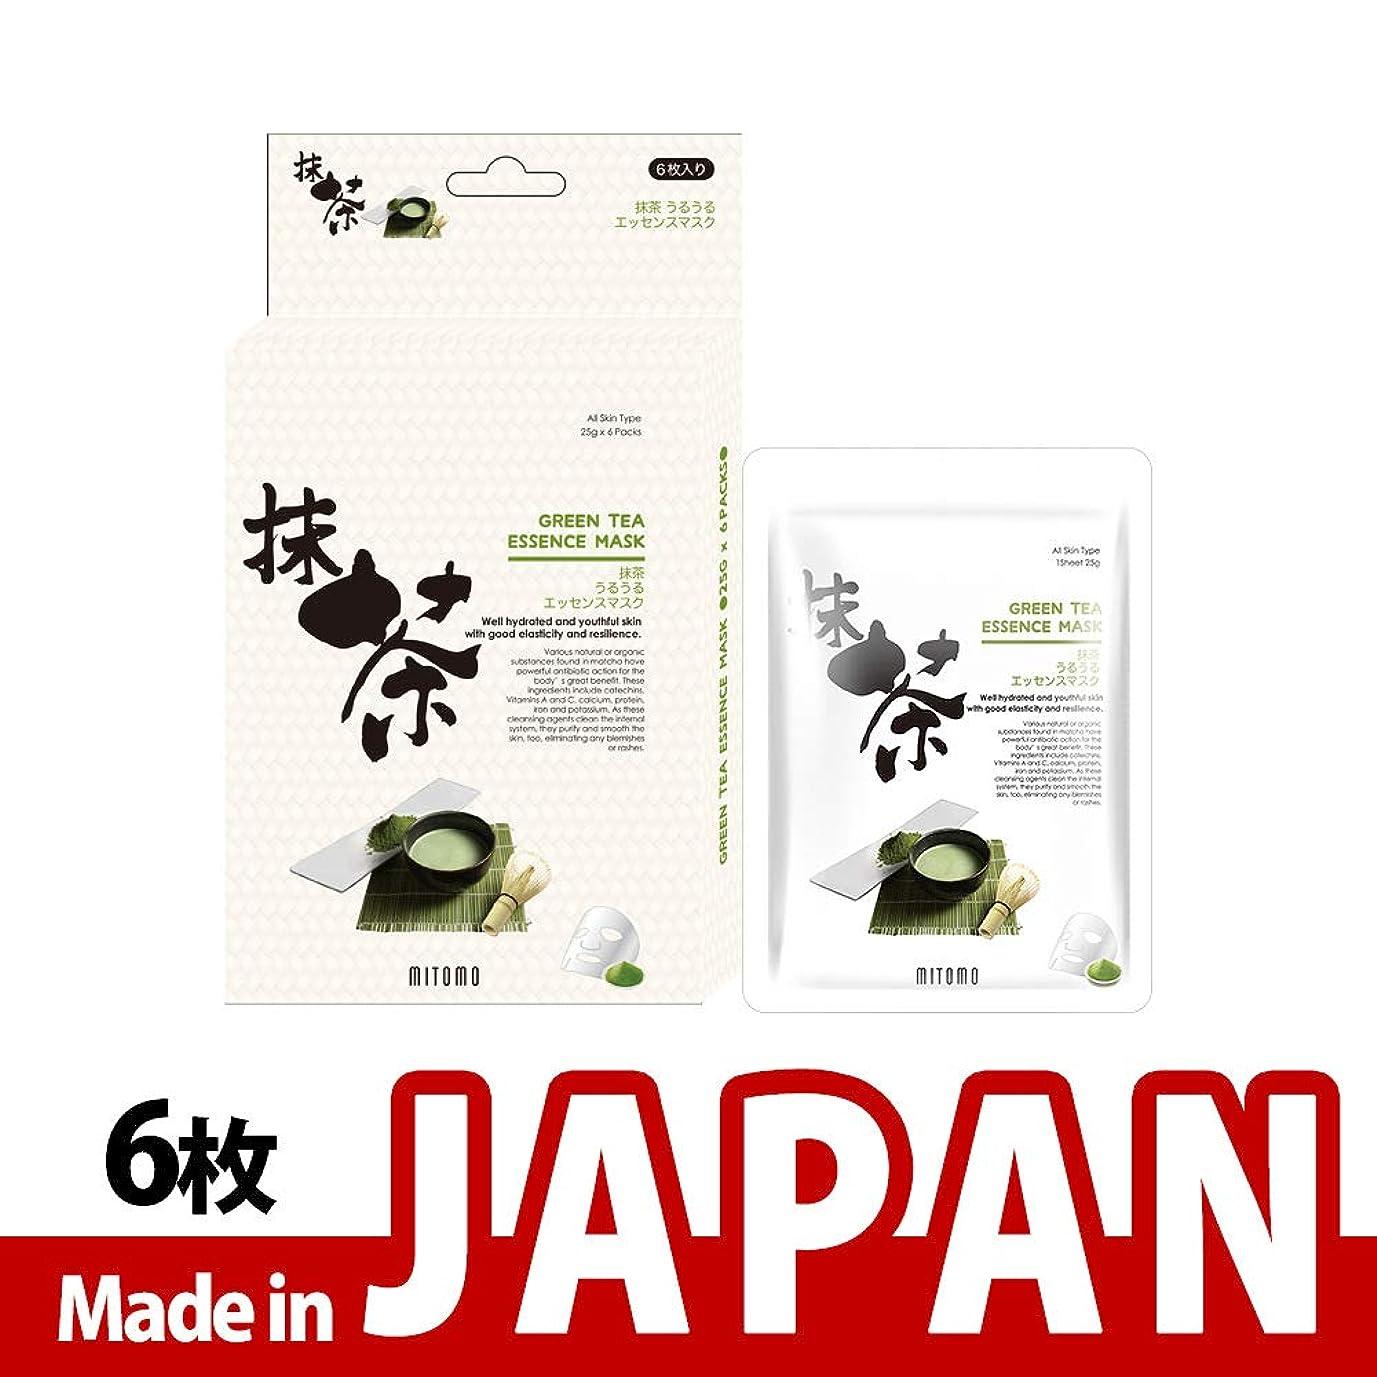 力強いウミウシ選挙【JP512-C-0】抹茶シートマスク/6枚入り/6枚/美容液/マスクパック/送料無料